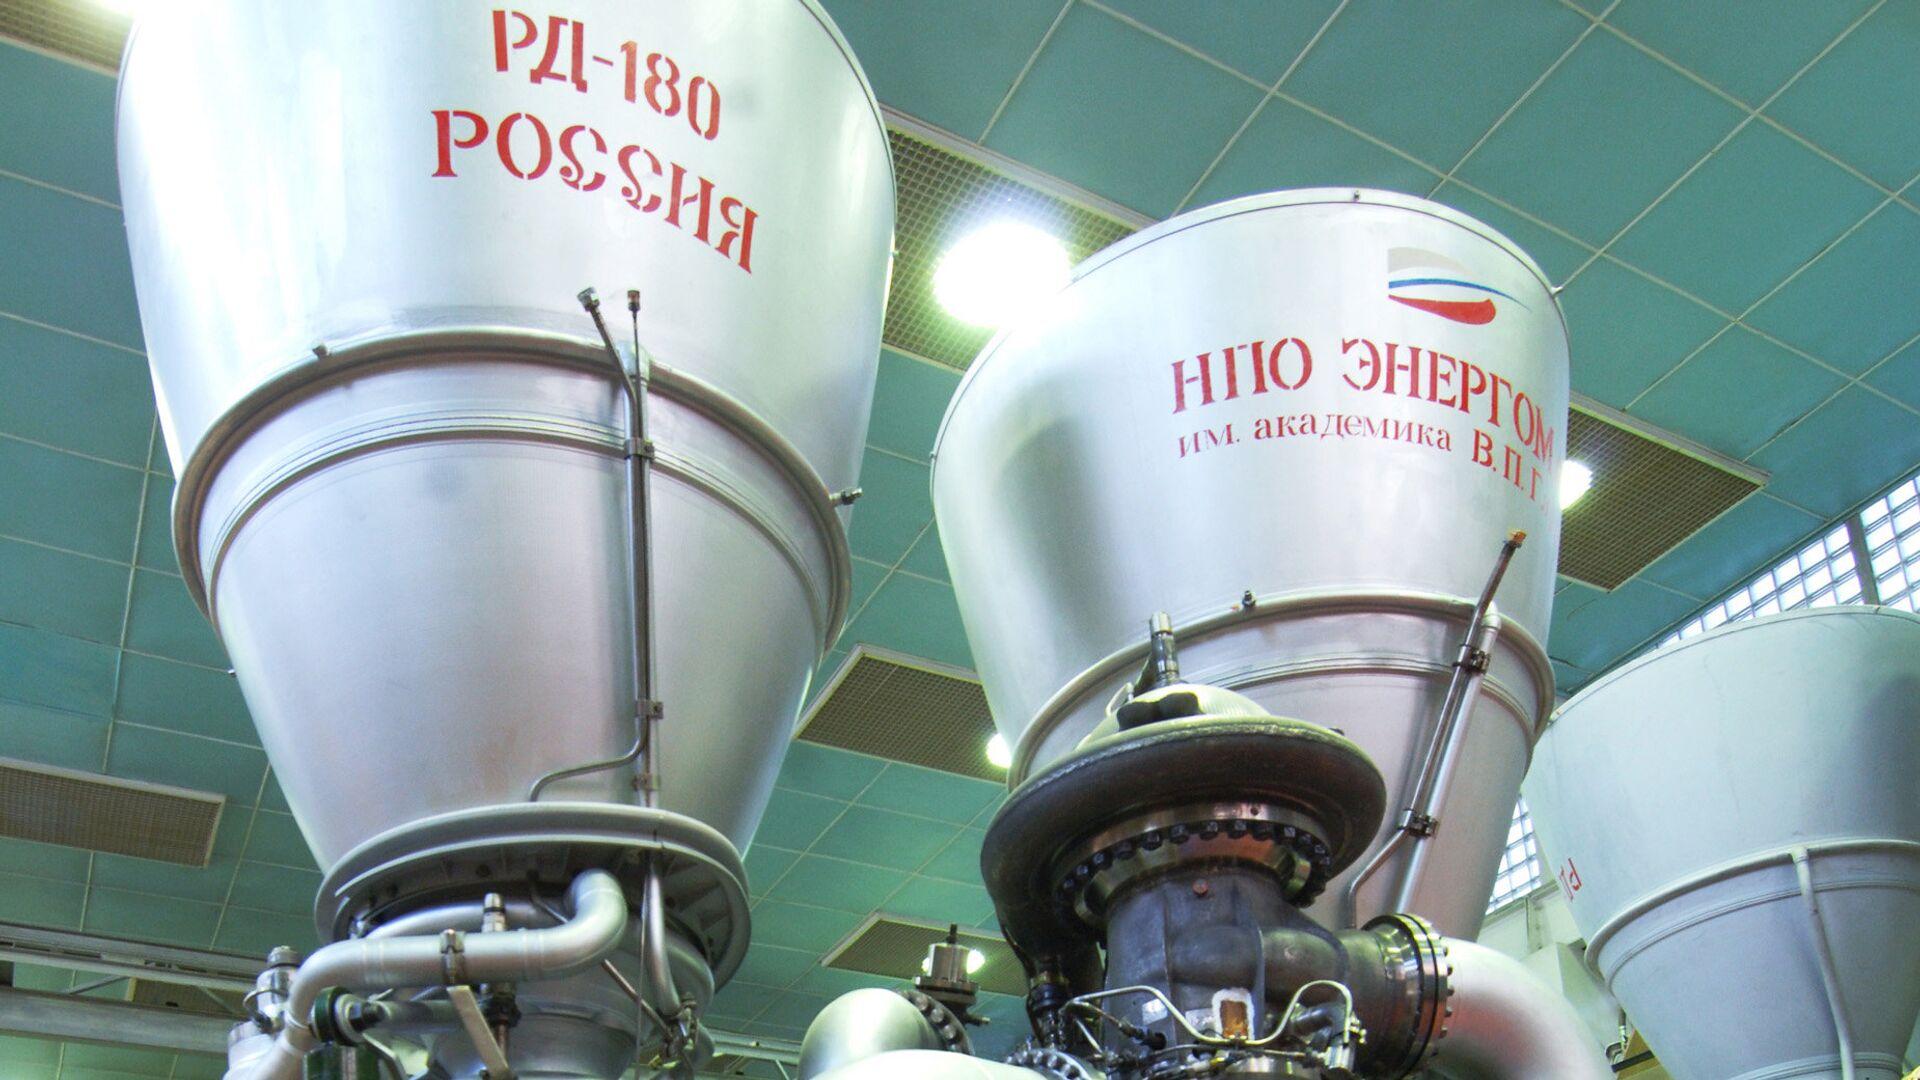 Ракетный двигатель РД-180 - РИА Новости, 1920, 20.07.2021